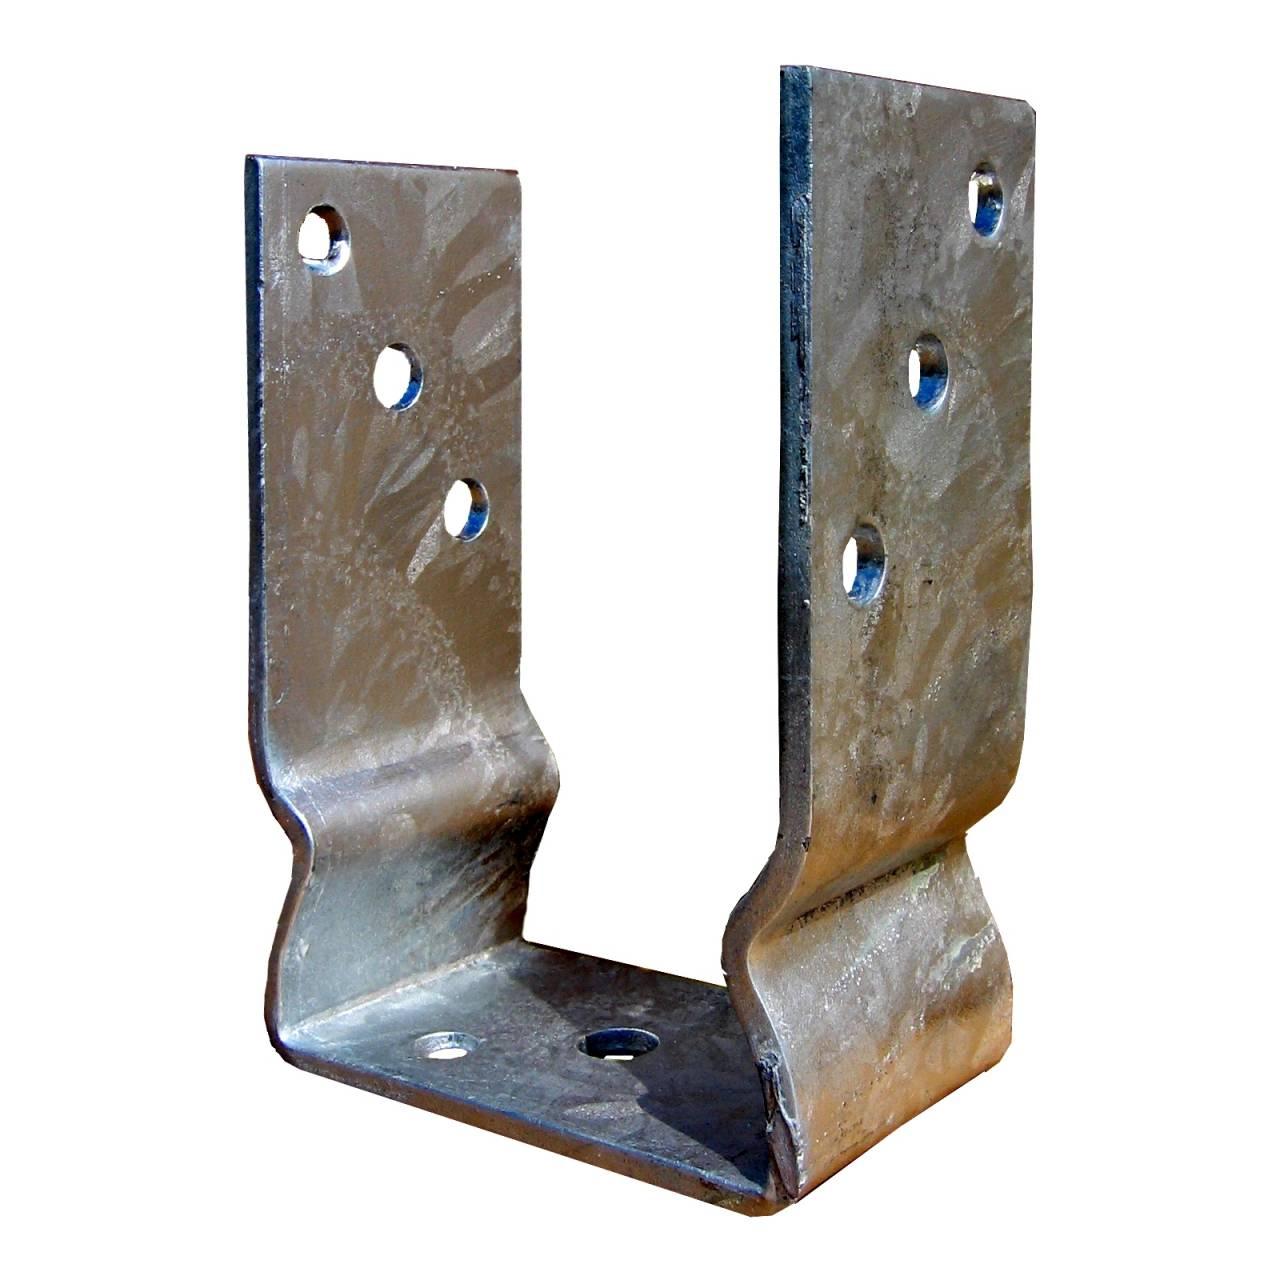 Stützenfuss vz S-U-Form 121 mm, aufschraubbar